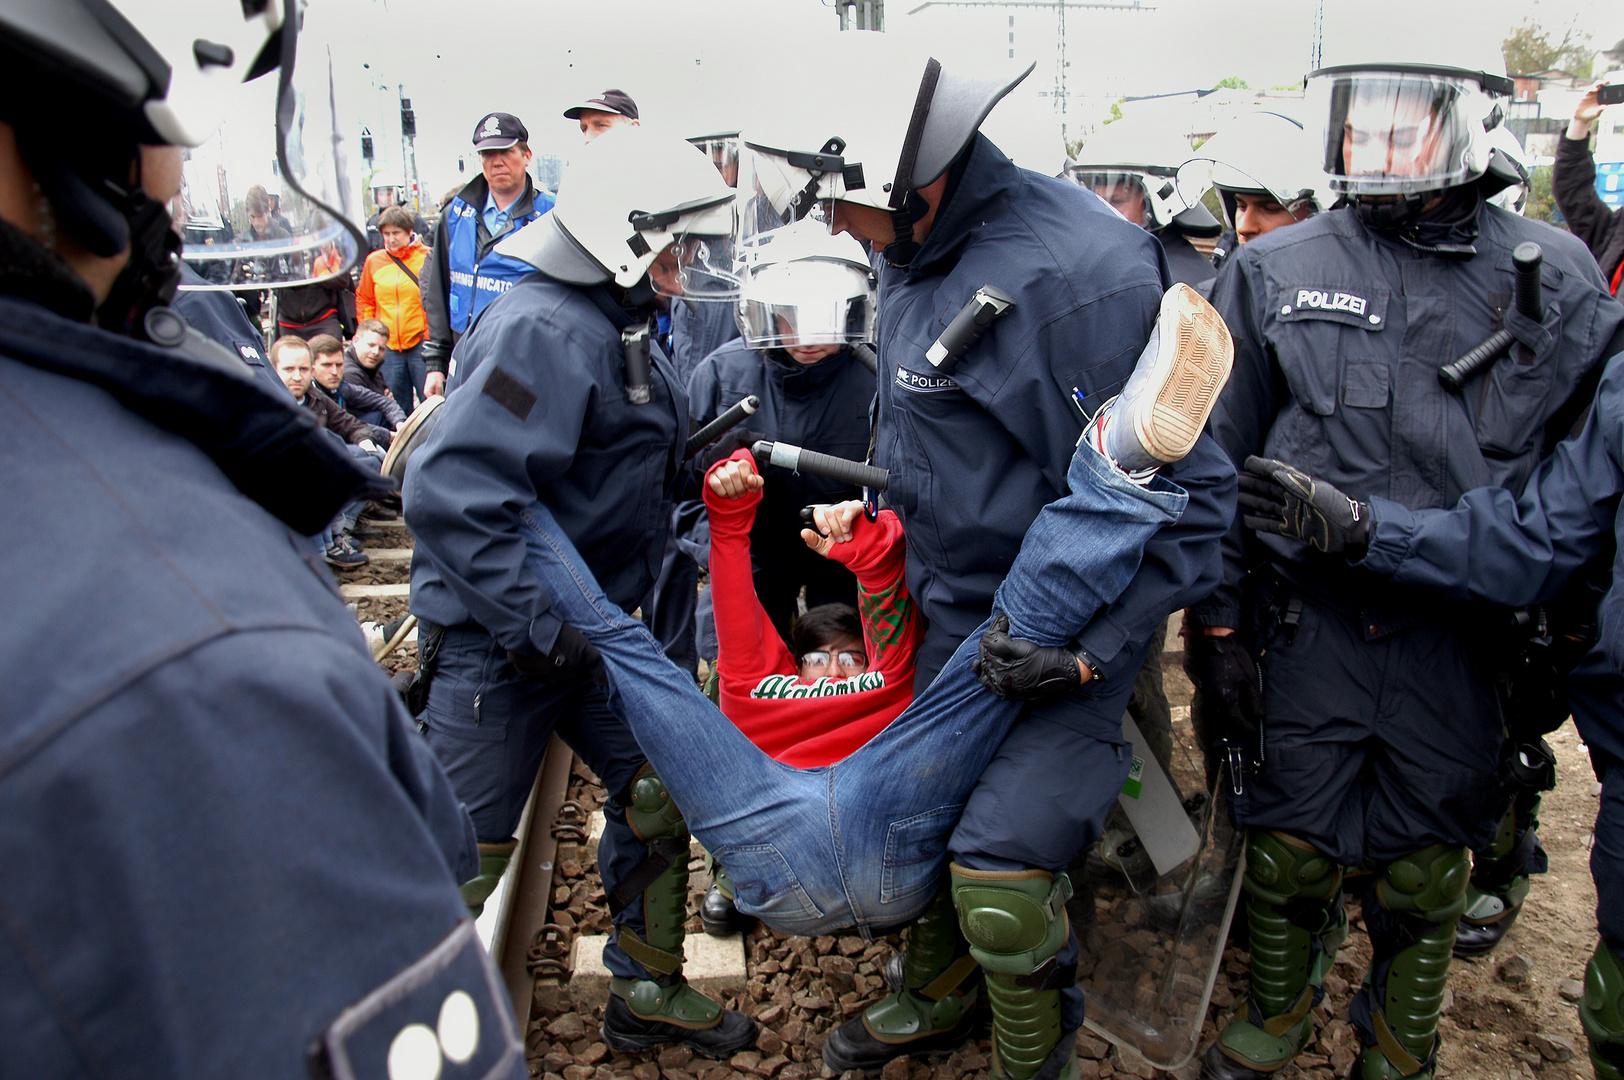 Räumung der Schienen durch die Polizei am Frankfurter Ostbahnhof